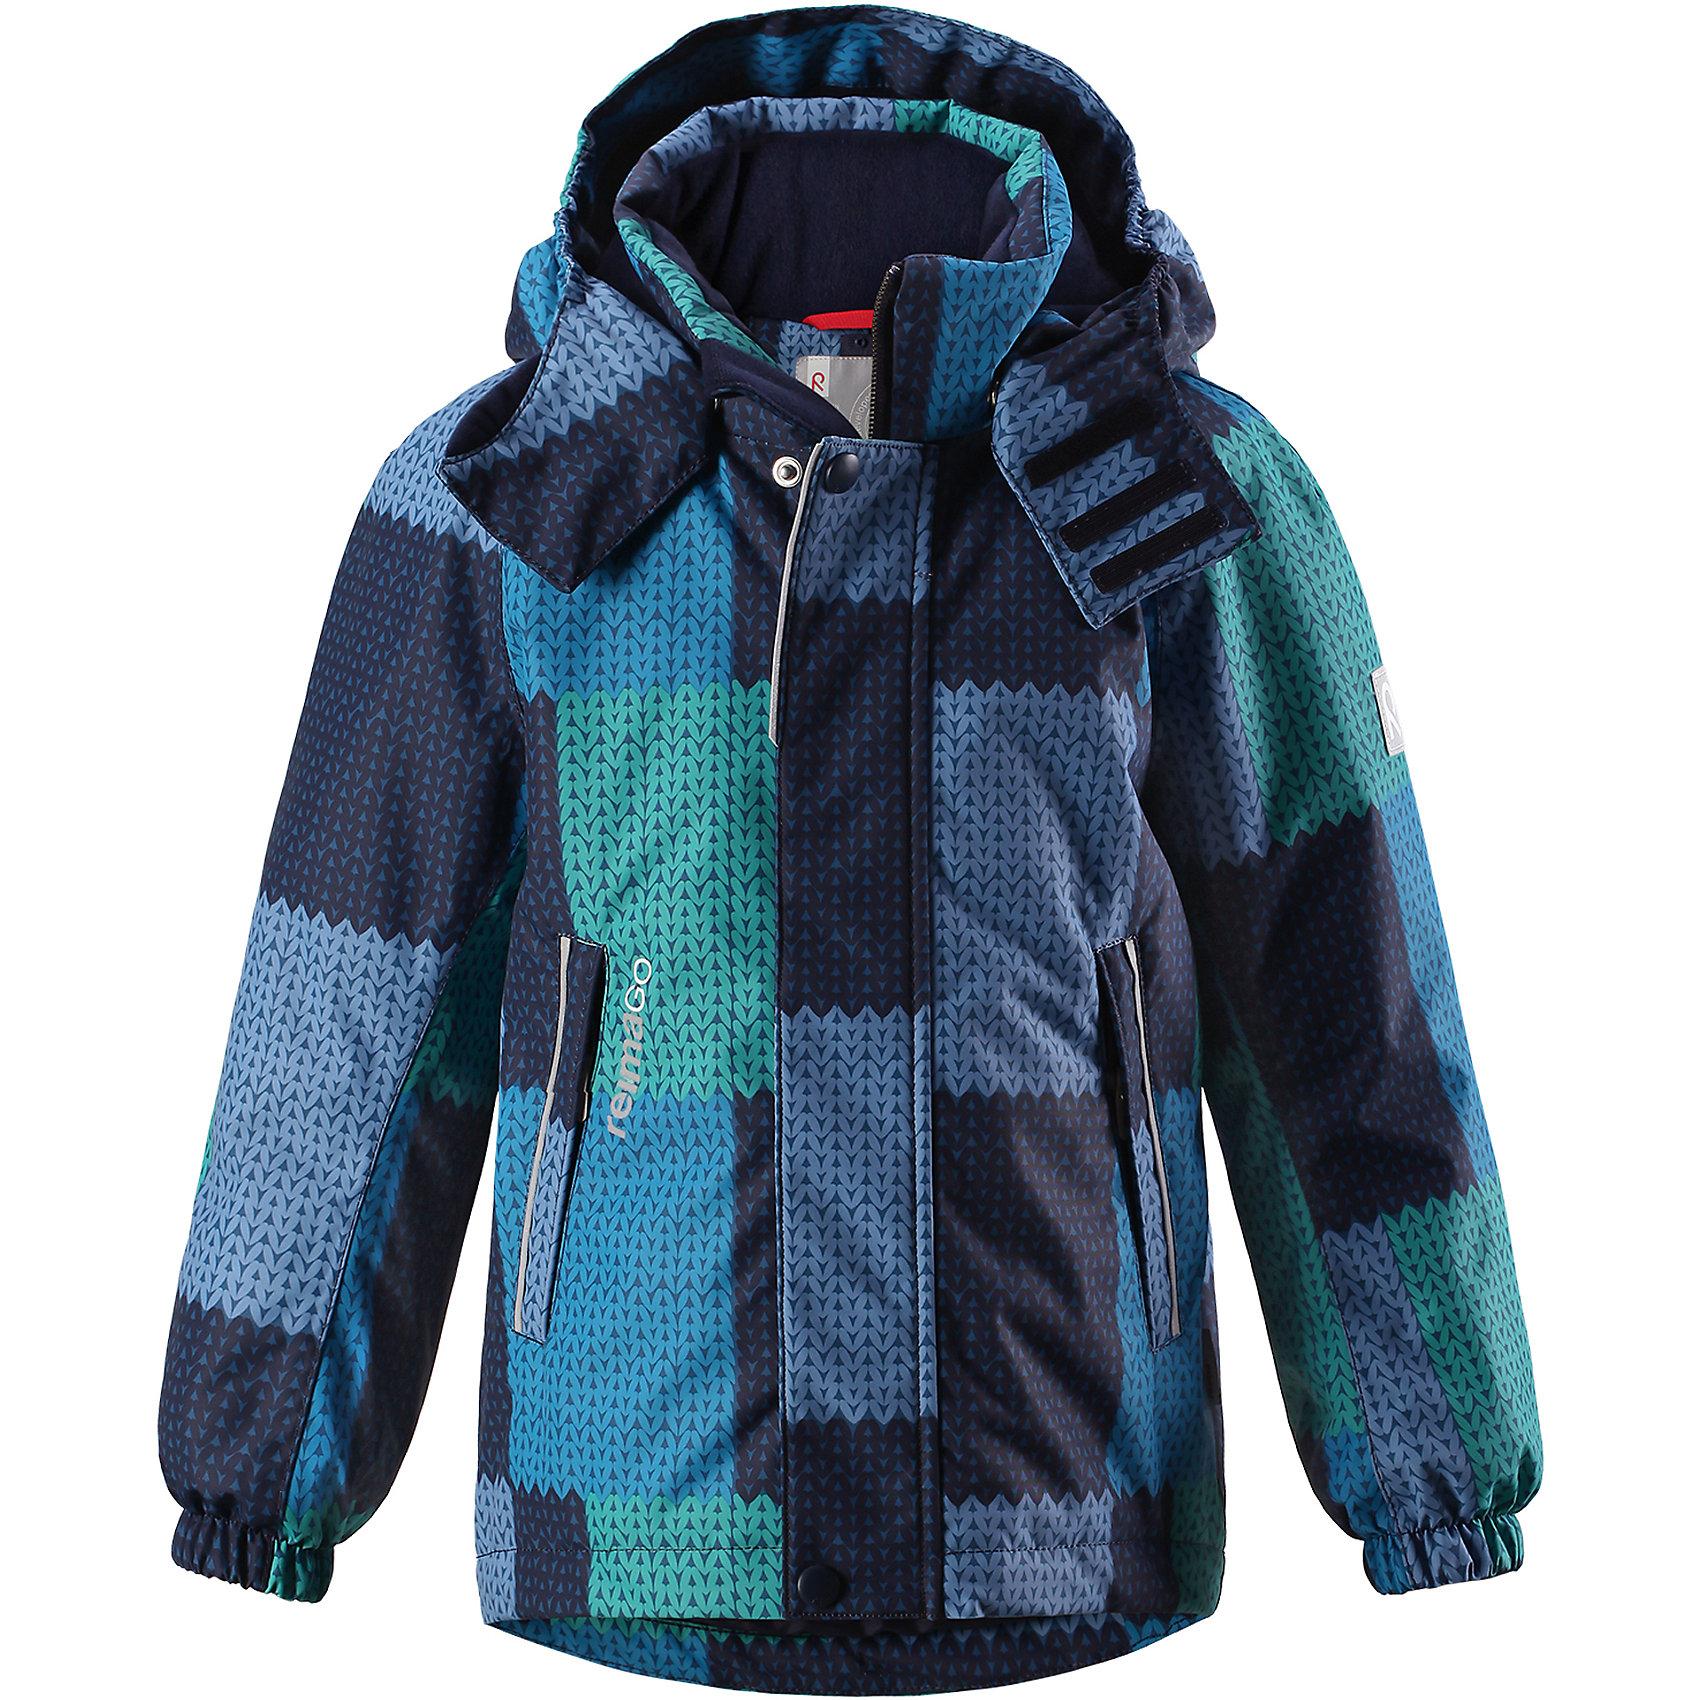 Куртка Multe Reimatec® ReimaЗимние куртки<br>Детская непромокаемая зимняя куртка Reimatec® изготовлена из водо- и ветронепроницаемого, дышащего и прочного материала. Эффективно отталкивает грязь. Все швы проклеены, водонепроницаемы. В этой модели просторного кроя подол легко регулируется, что позволяет подогнать куртку точно по фигуре. Съемный и регулируемый капюшон защищает от пронизывающего ветра и проливного дождя, а еще он безопасен во время игр на свежем воздухе. <br><br>С помощью удобной системы кнопок Play Layers® к этой куртке можно присоединять одежду промежуточного слоя Reima®, которая подарит вашему ребенку дополнительное тепло и комфорт. В куртке предусмотрены эластичные манжеты, два кармана на молнии, внутренний нагрудный карман, карман для сенсора ReimaGO® и множество светоотражающих деталей. Эта куртка очень проста в уходе, кроме того, ее можно сушить в стиральной машине. <br>Состав:<br>100% Полиэстер<br><br>Ширина мм: 356<br>Глубина мм: 10<br>Высота мм: 245<br>Вес г: 519<br>Цвет: синий<br>Возраст от месяцев: 108<br>Возраст до месяцев: 120<br>Пол: Унисекс<br>Возраст: Детский<br>Размер: 140,104,110,116,122,128,134<br>SKU: 6901305